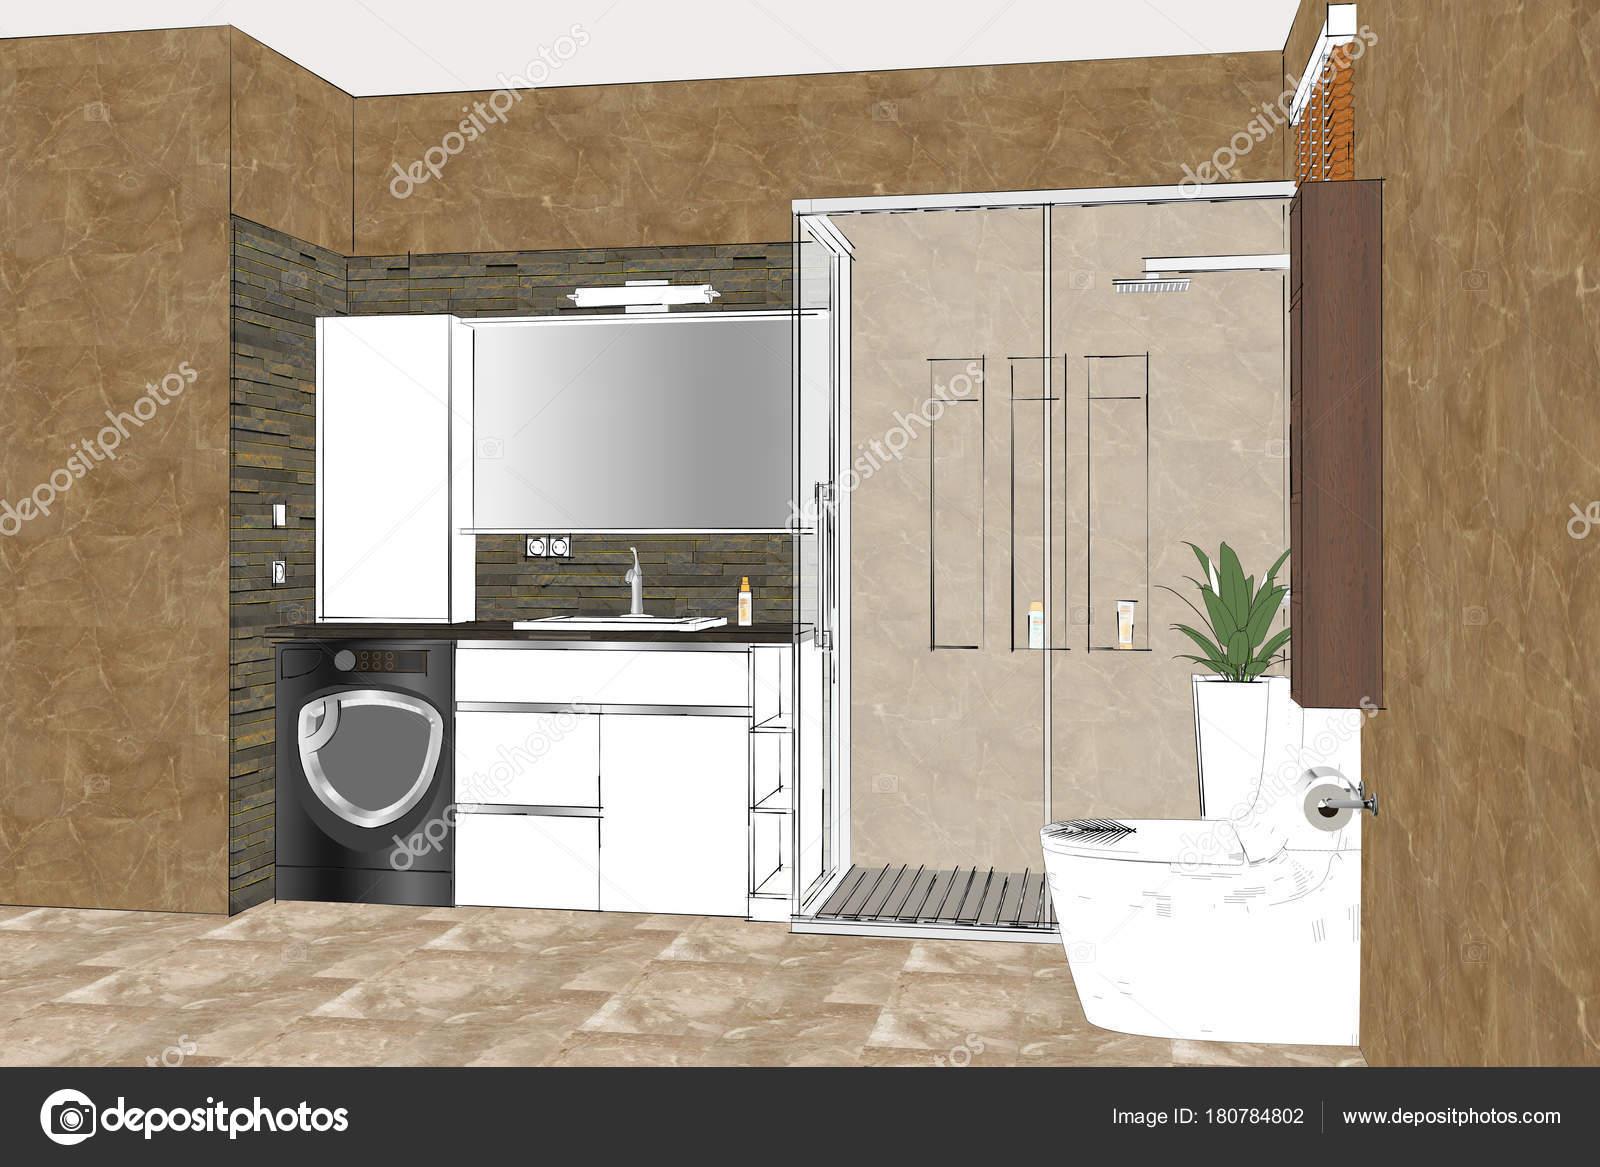 Stock Di Arredo Bagno.Illustrazione Schizzo Lineare Arredamento Bagno Design Interni